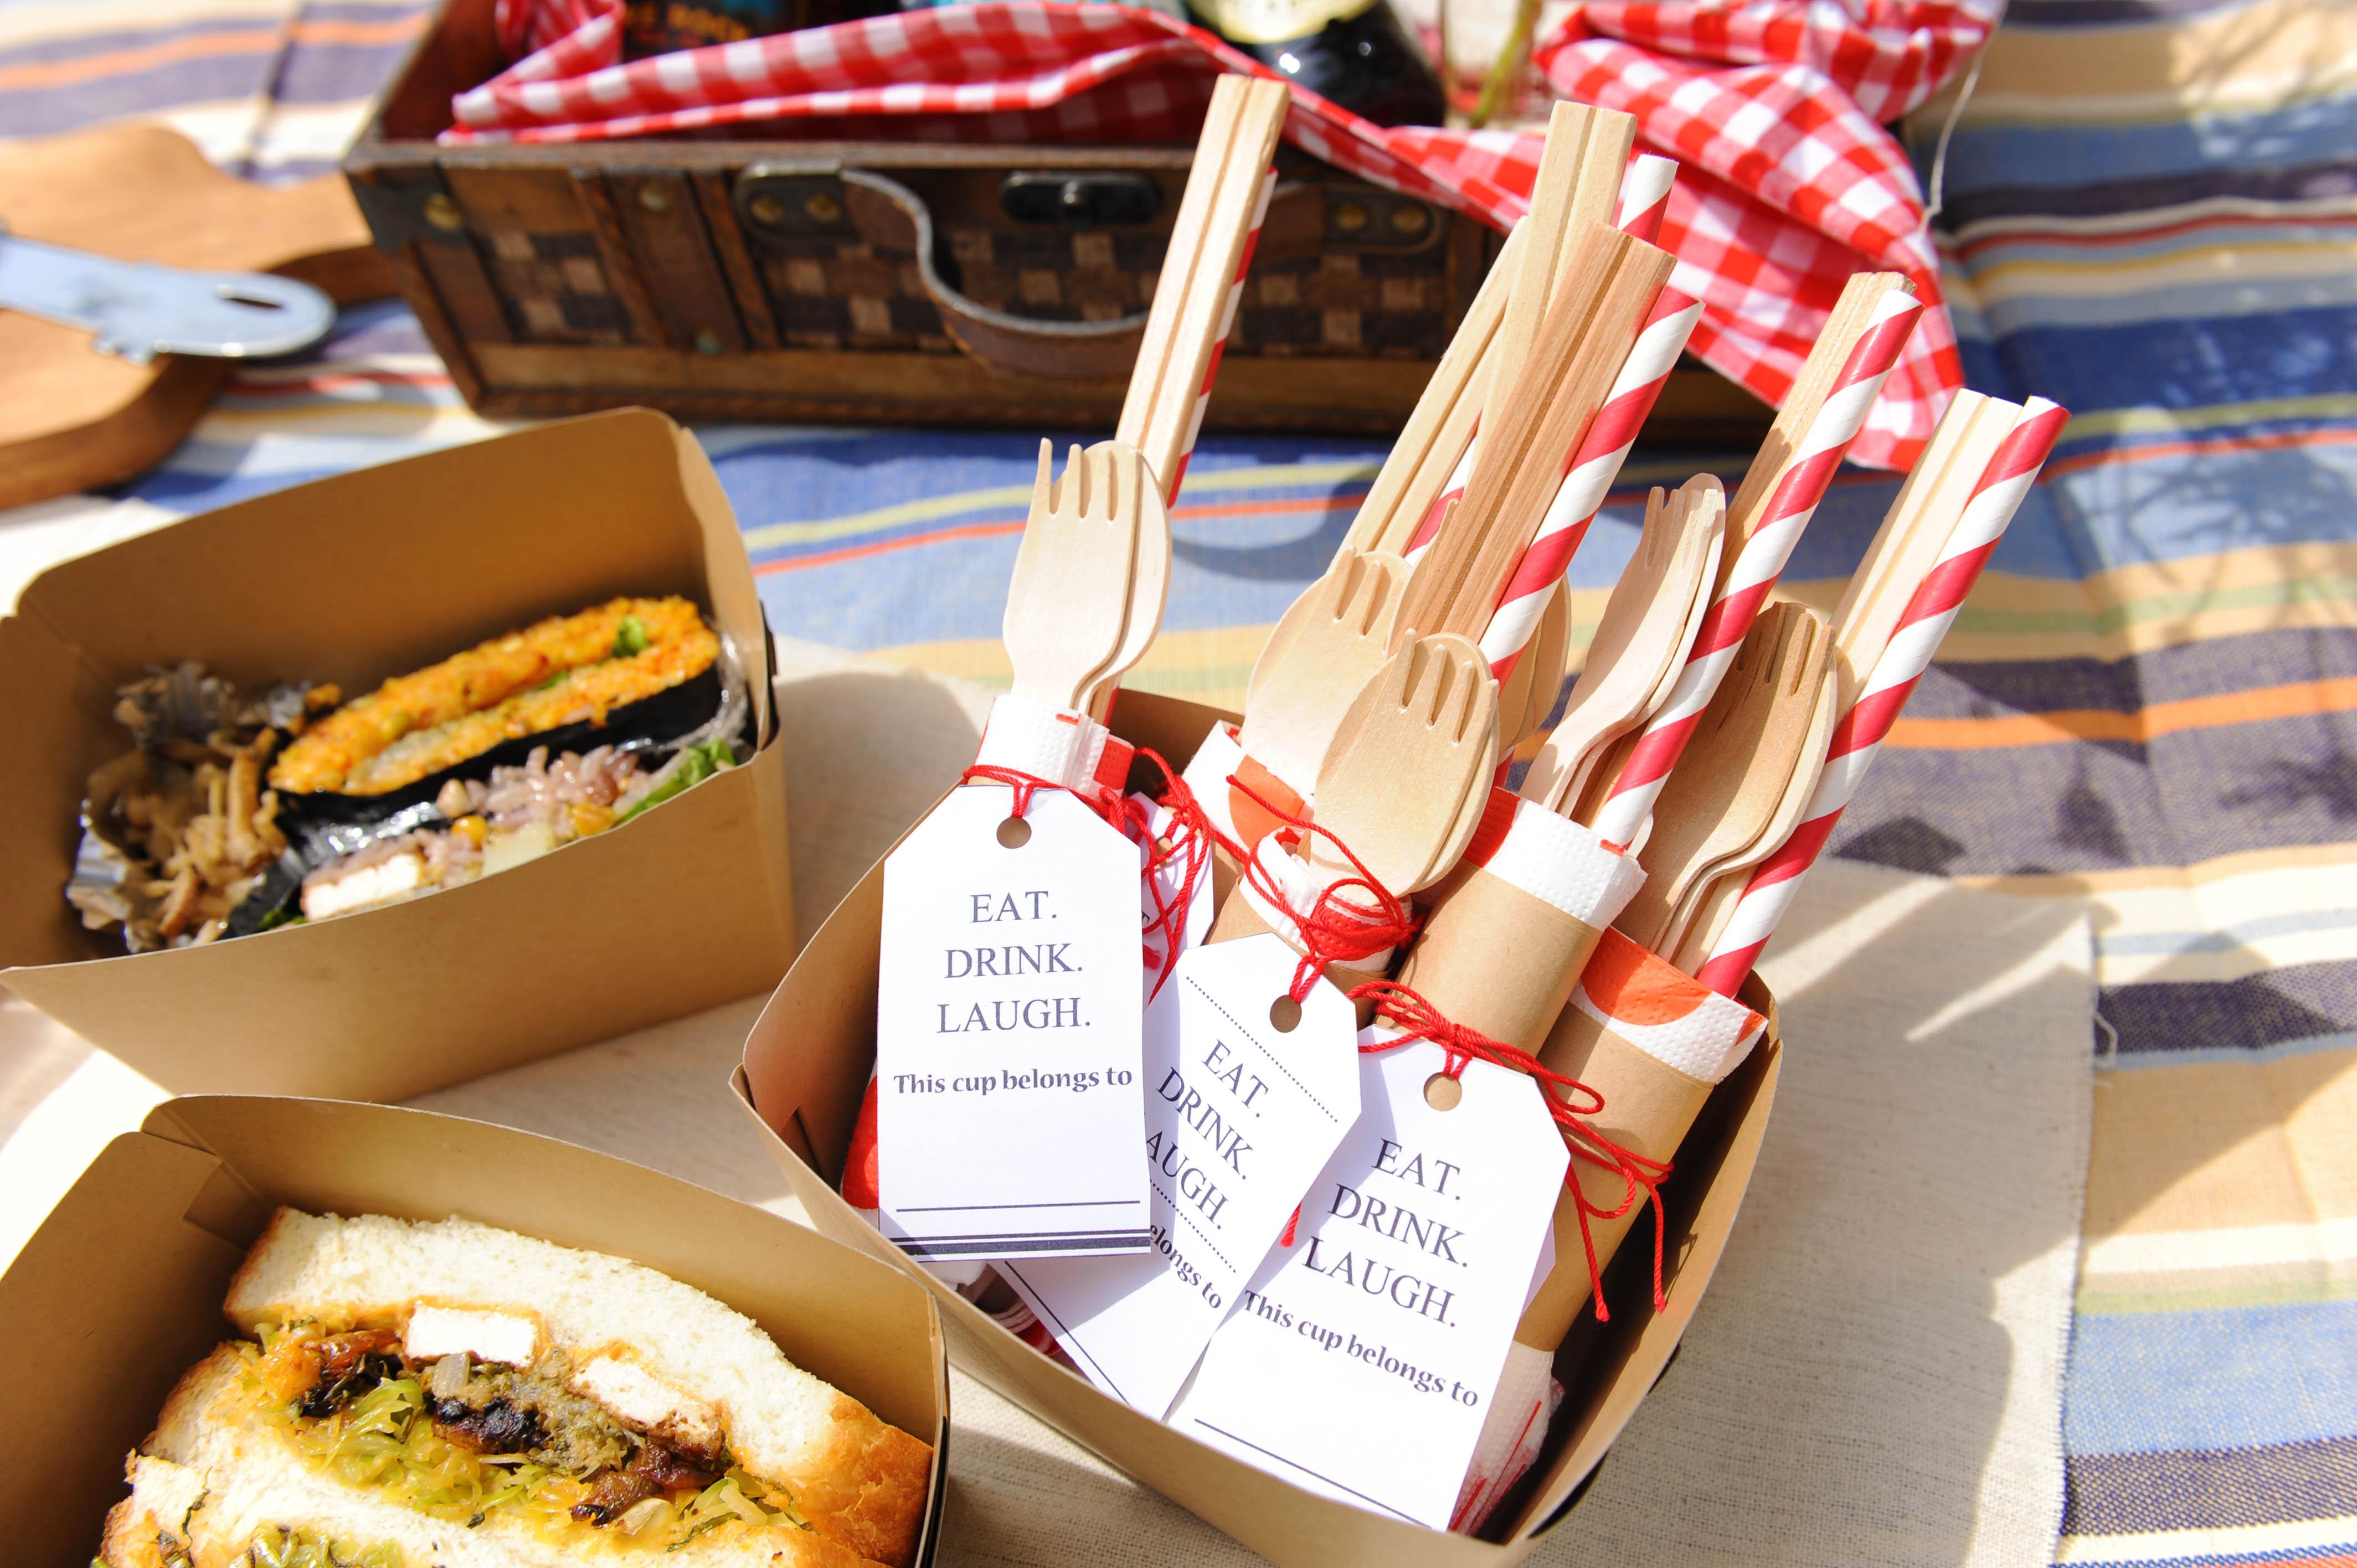 【ピクニック×DIY】ピクニックに持っていくフォークやスプーンをひと工夫!カトラリーセットの作り方|by ARCH DAYS編集部